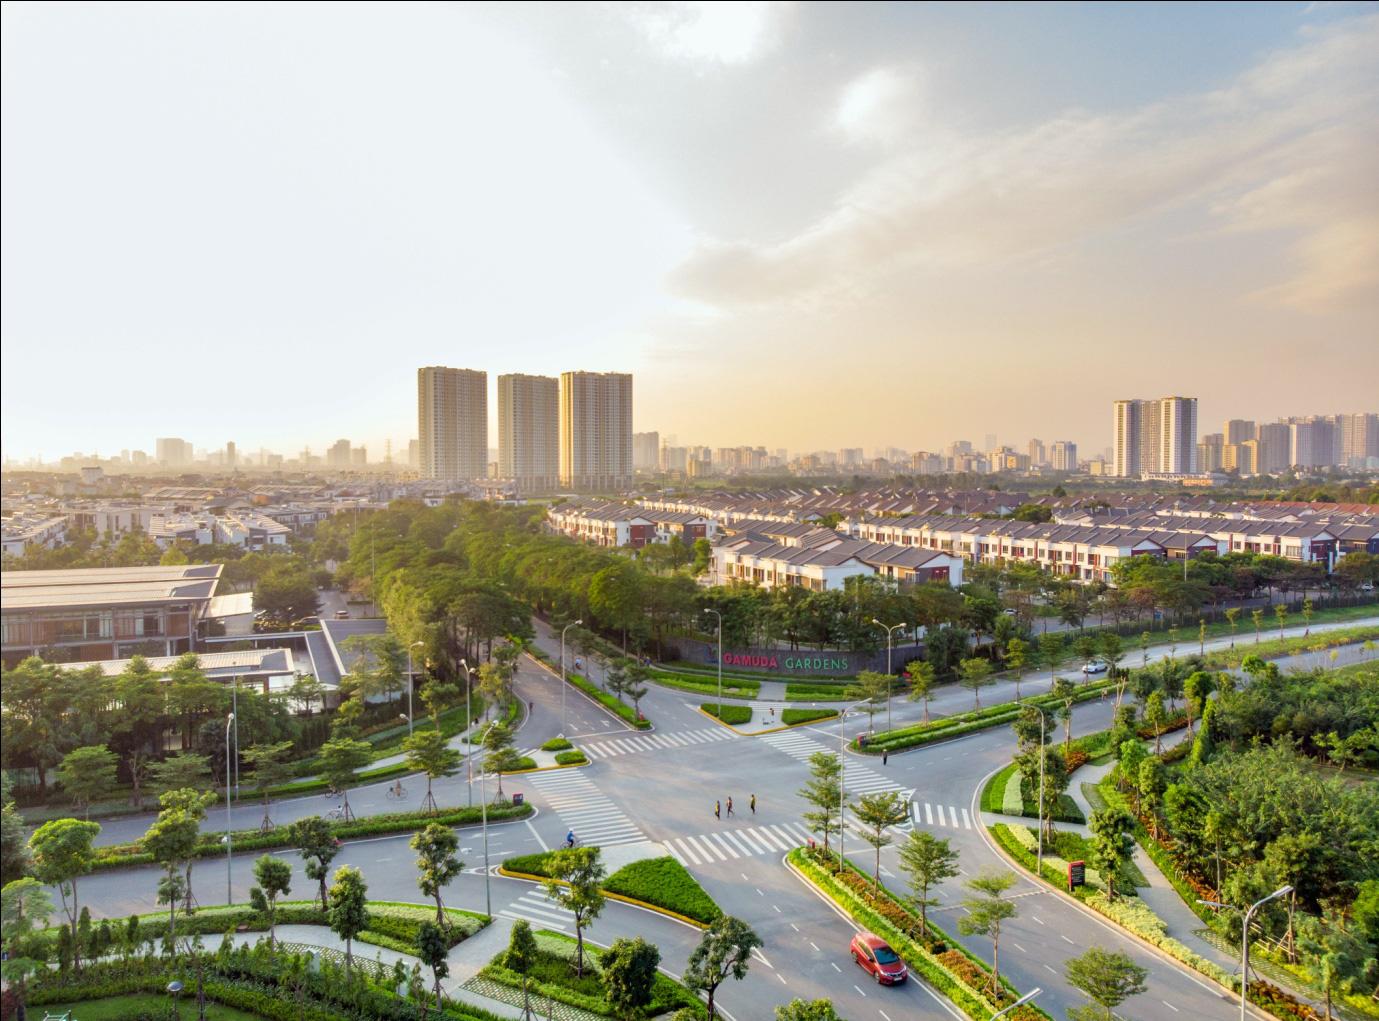 Định hướng đầu tư, phát triển của Gamuda Land tại Việt Nam sau dịch Covid-19 - Ảnh 2.